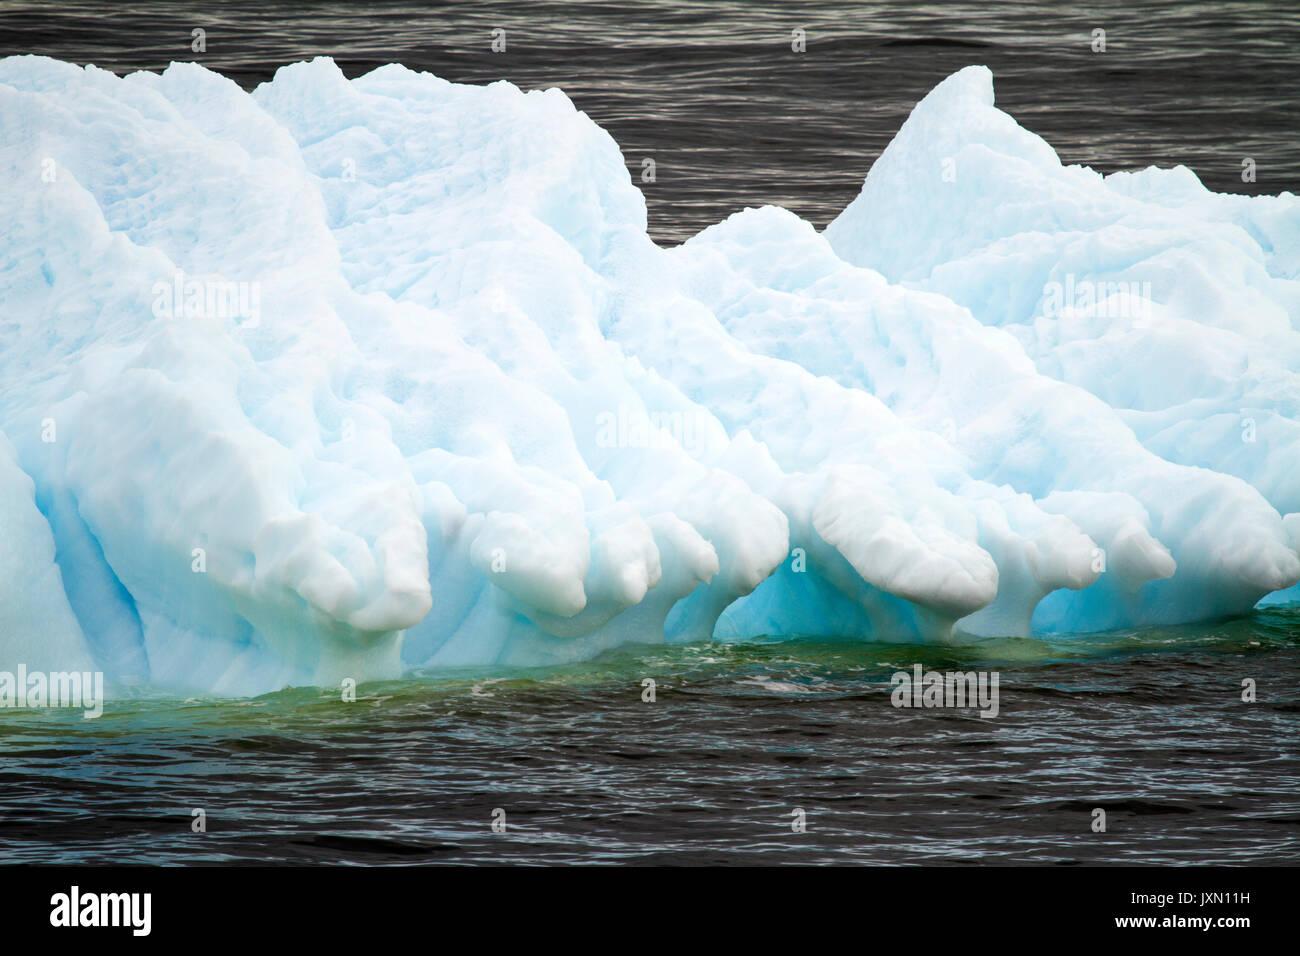 Antarktis - schwimmende Eis - Globale Erwärmung Stockbild